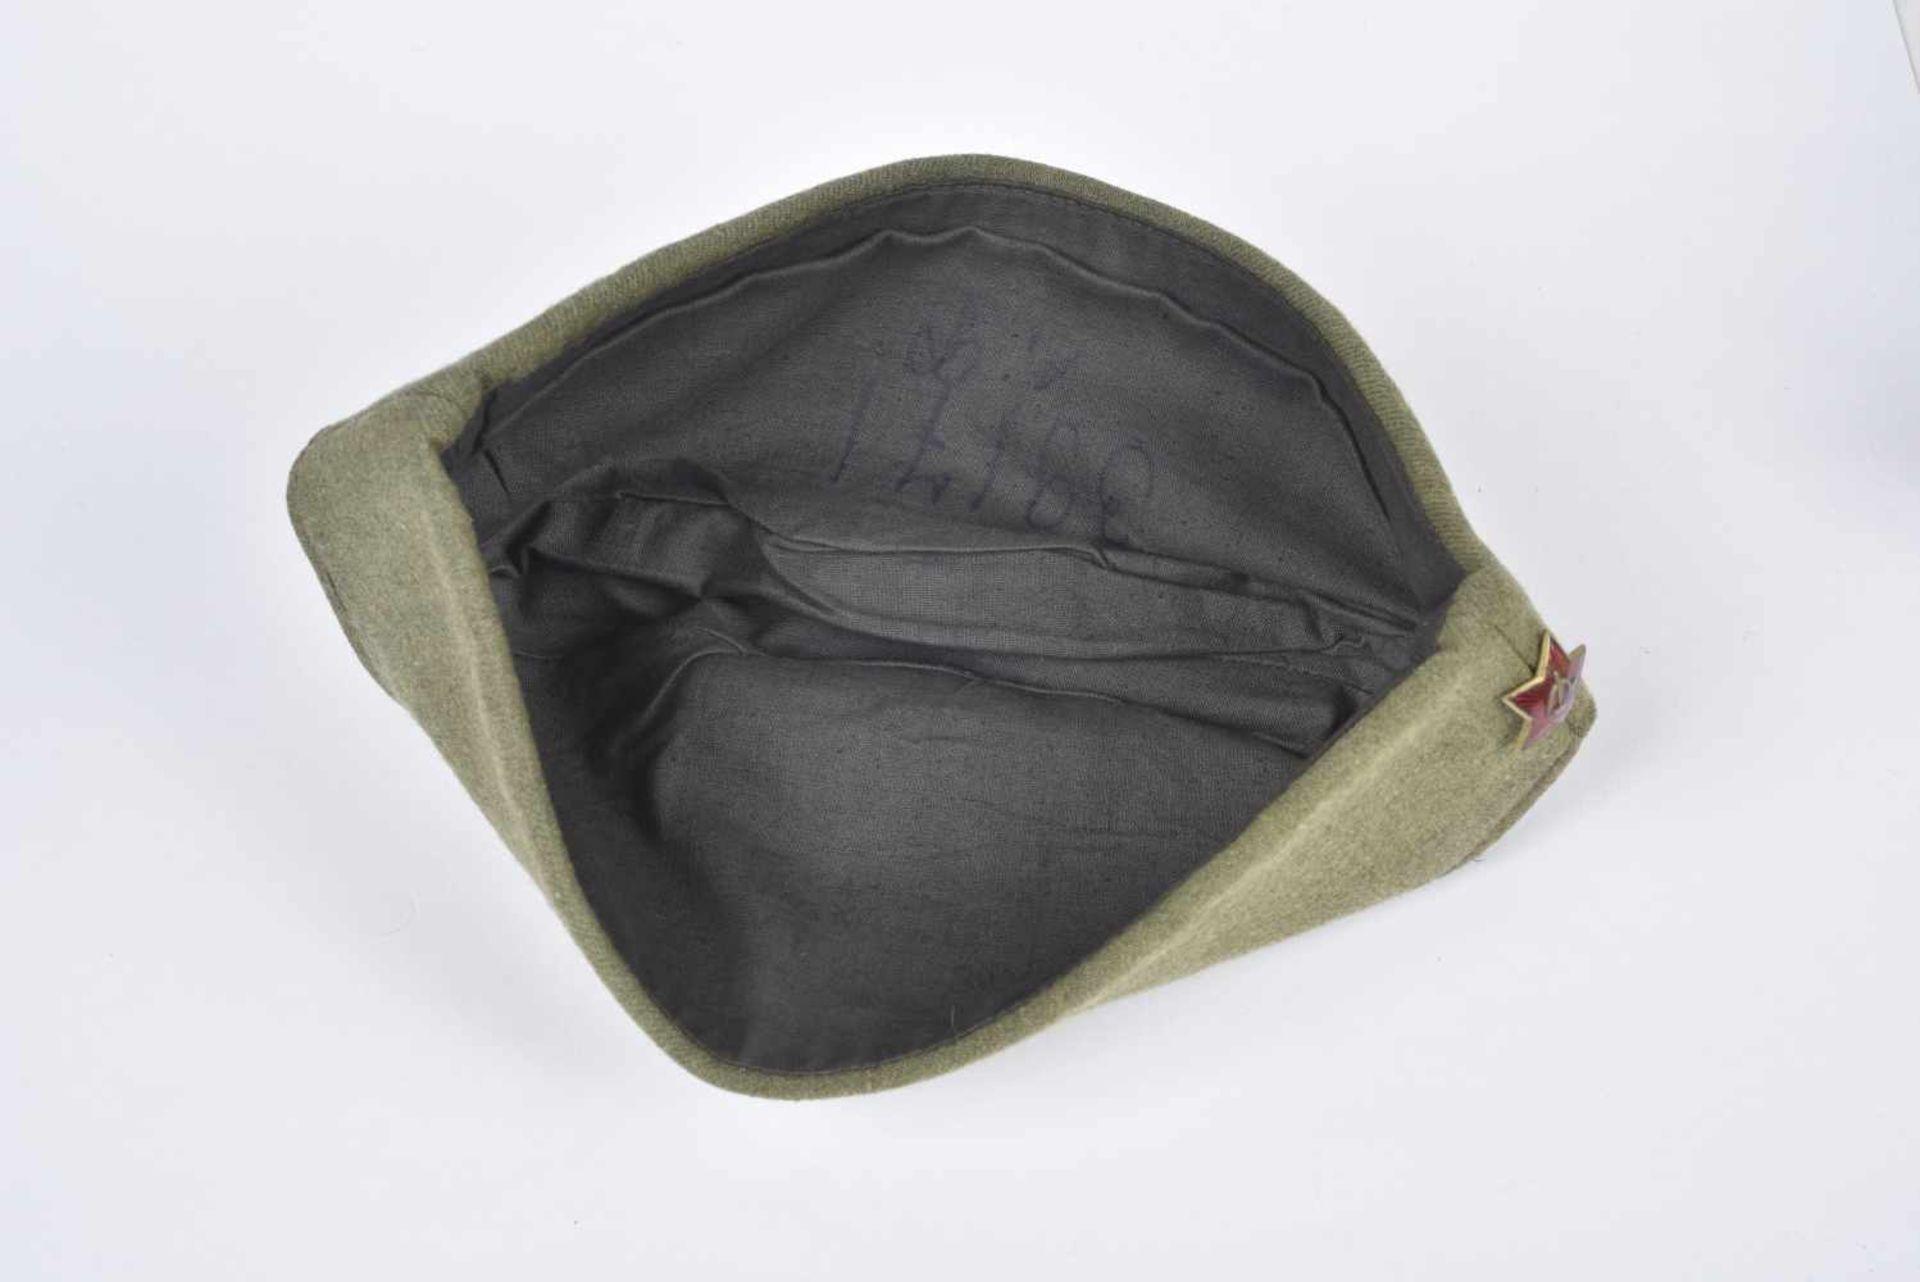 Calot M.35 reconnaissable au tissu laineux couramment utilisé dans les années 30. Etoile rouge en 24 - Bild 4 aus 4